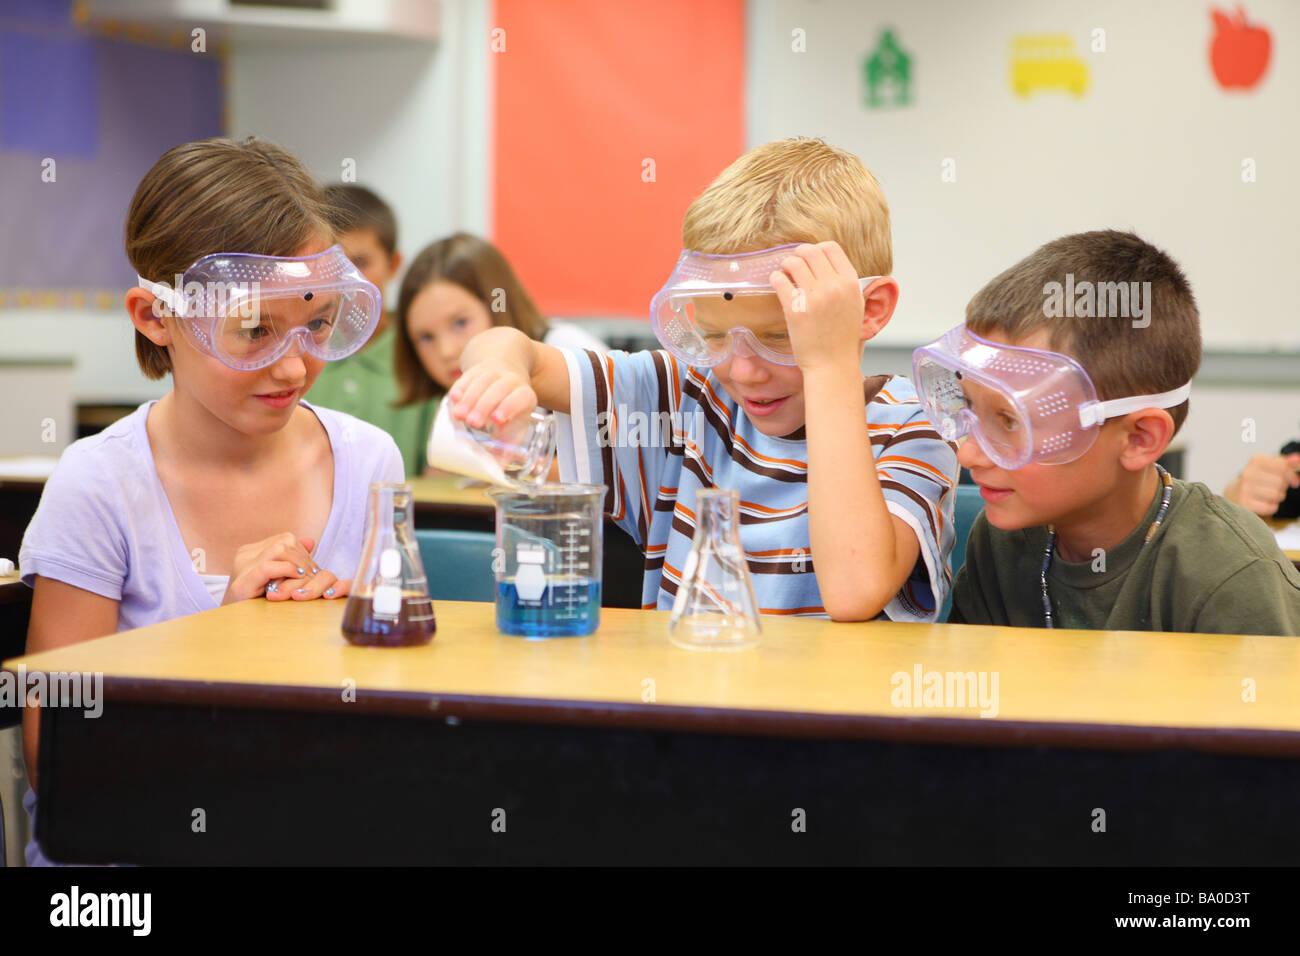 Los niños de la escuela haciendo un experimento de ciencia Imagen De Stock